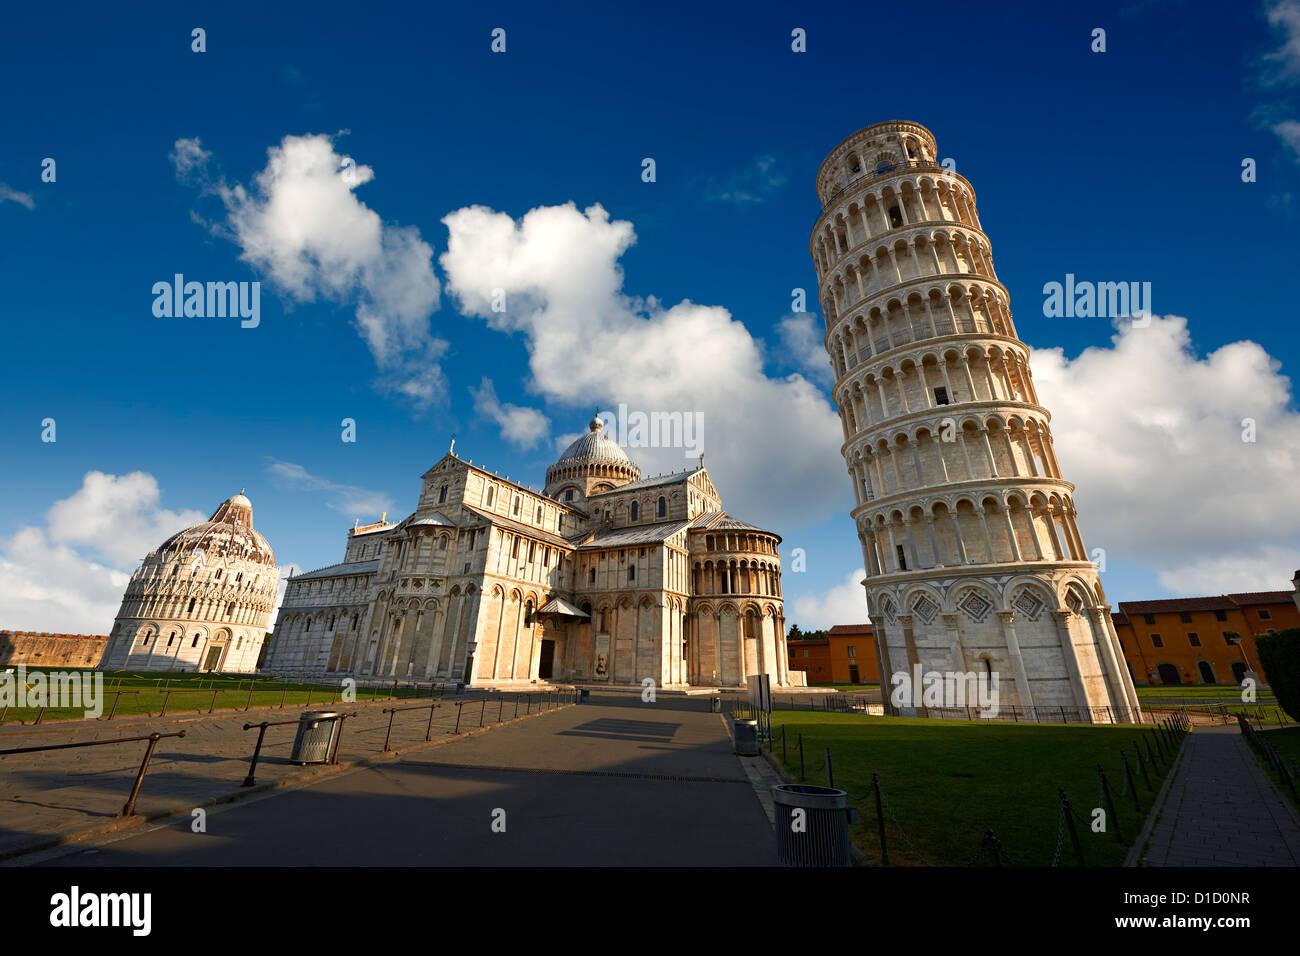 La Torre Pendente di Pisa, Italia Immagini Stock